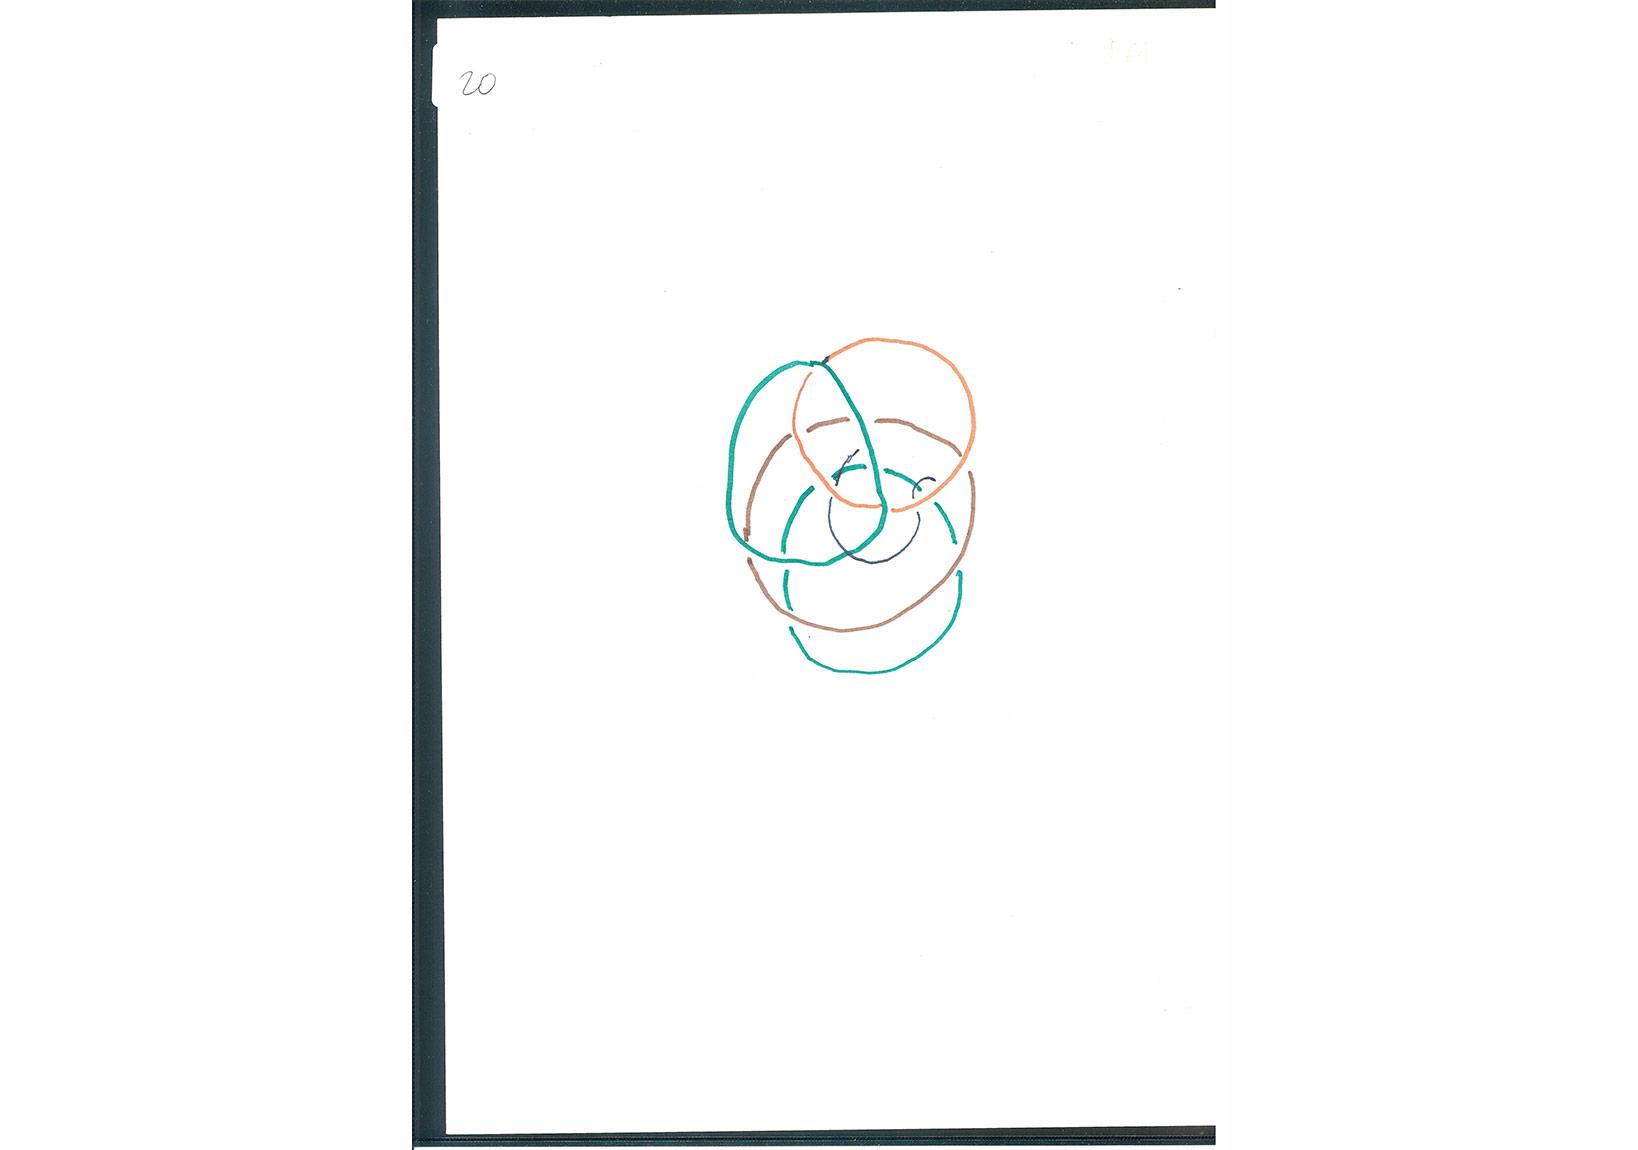 Jacques Lacan, Çizim ve resimlerin bulunduğu 15 yaprak kağıt, 1975-1978, Kağıt üzerine mürekkep ve renkli keçeli kalem ve kurşunkalem